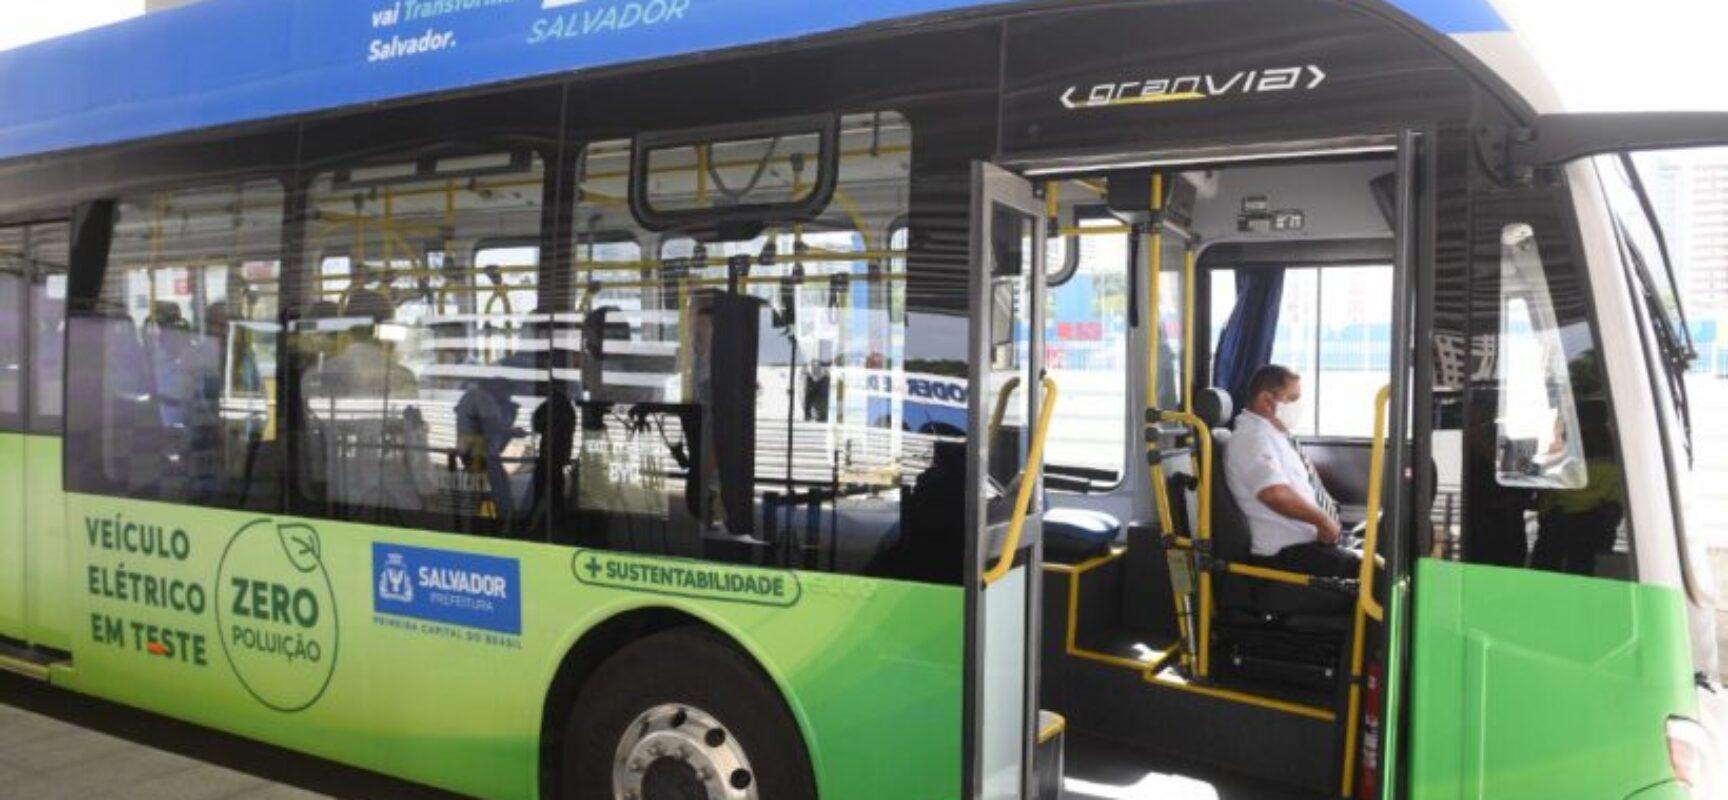 Ônibus elétricos passarão por testes em Salvador durante o mês de setembro